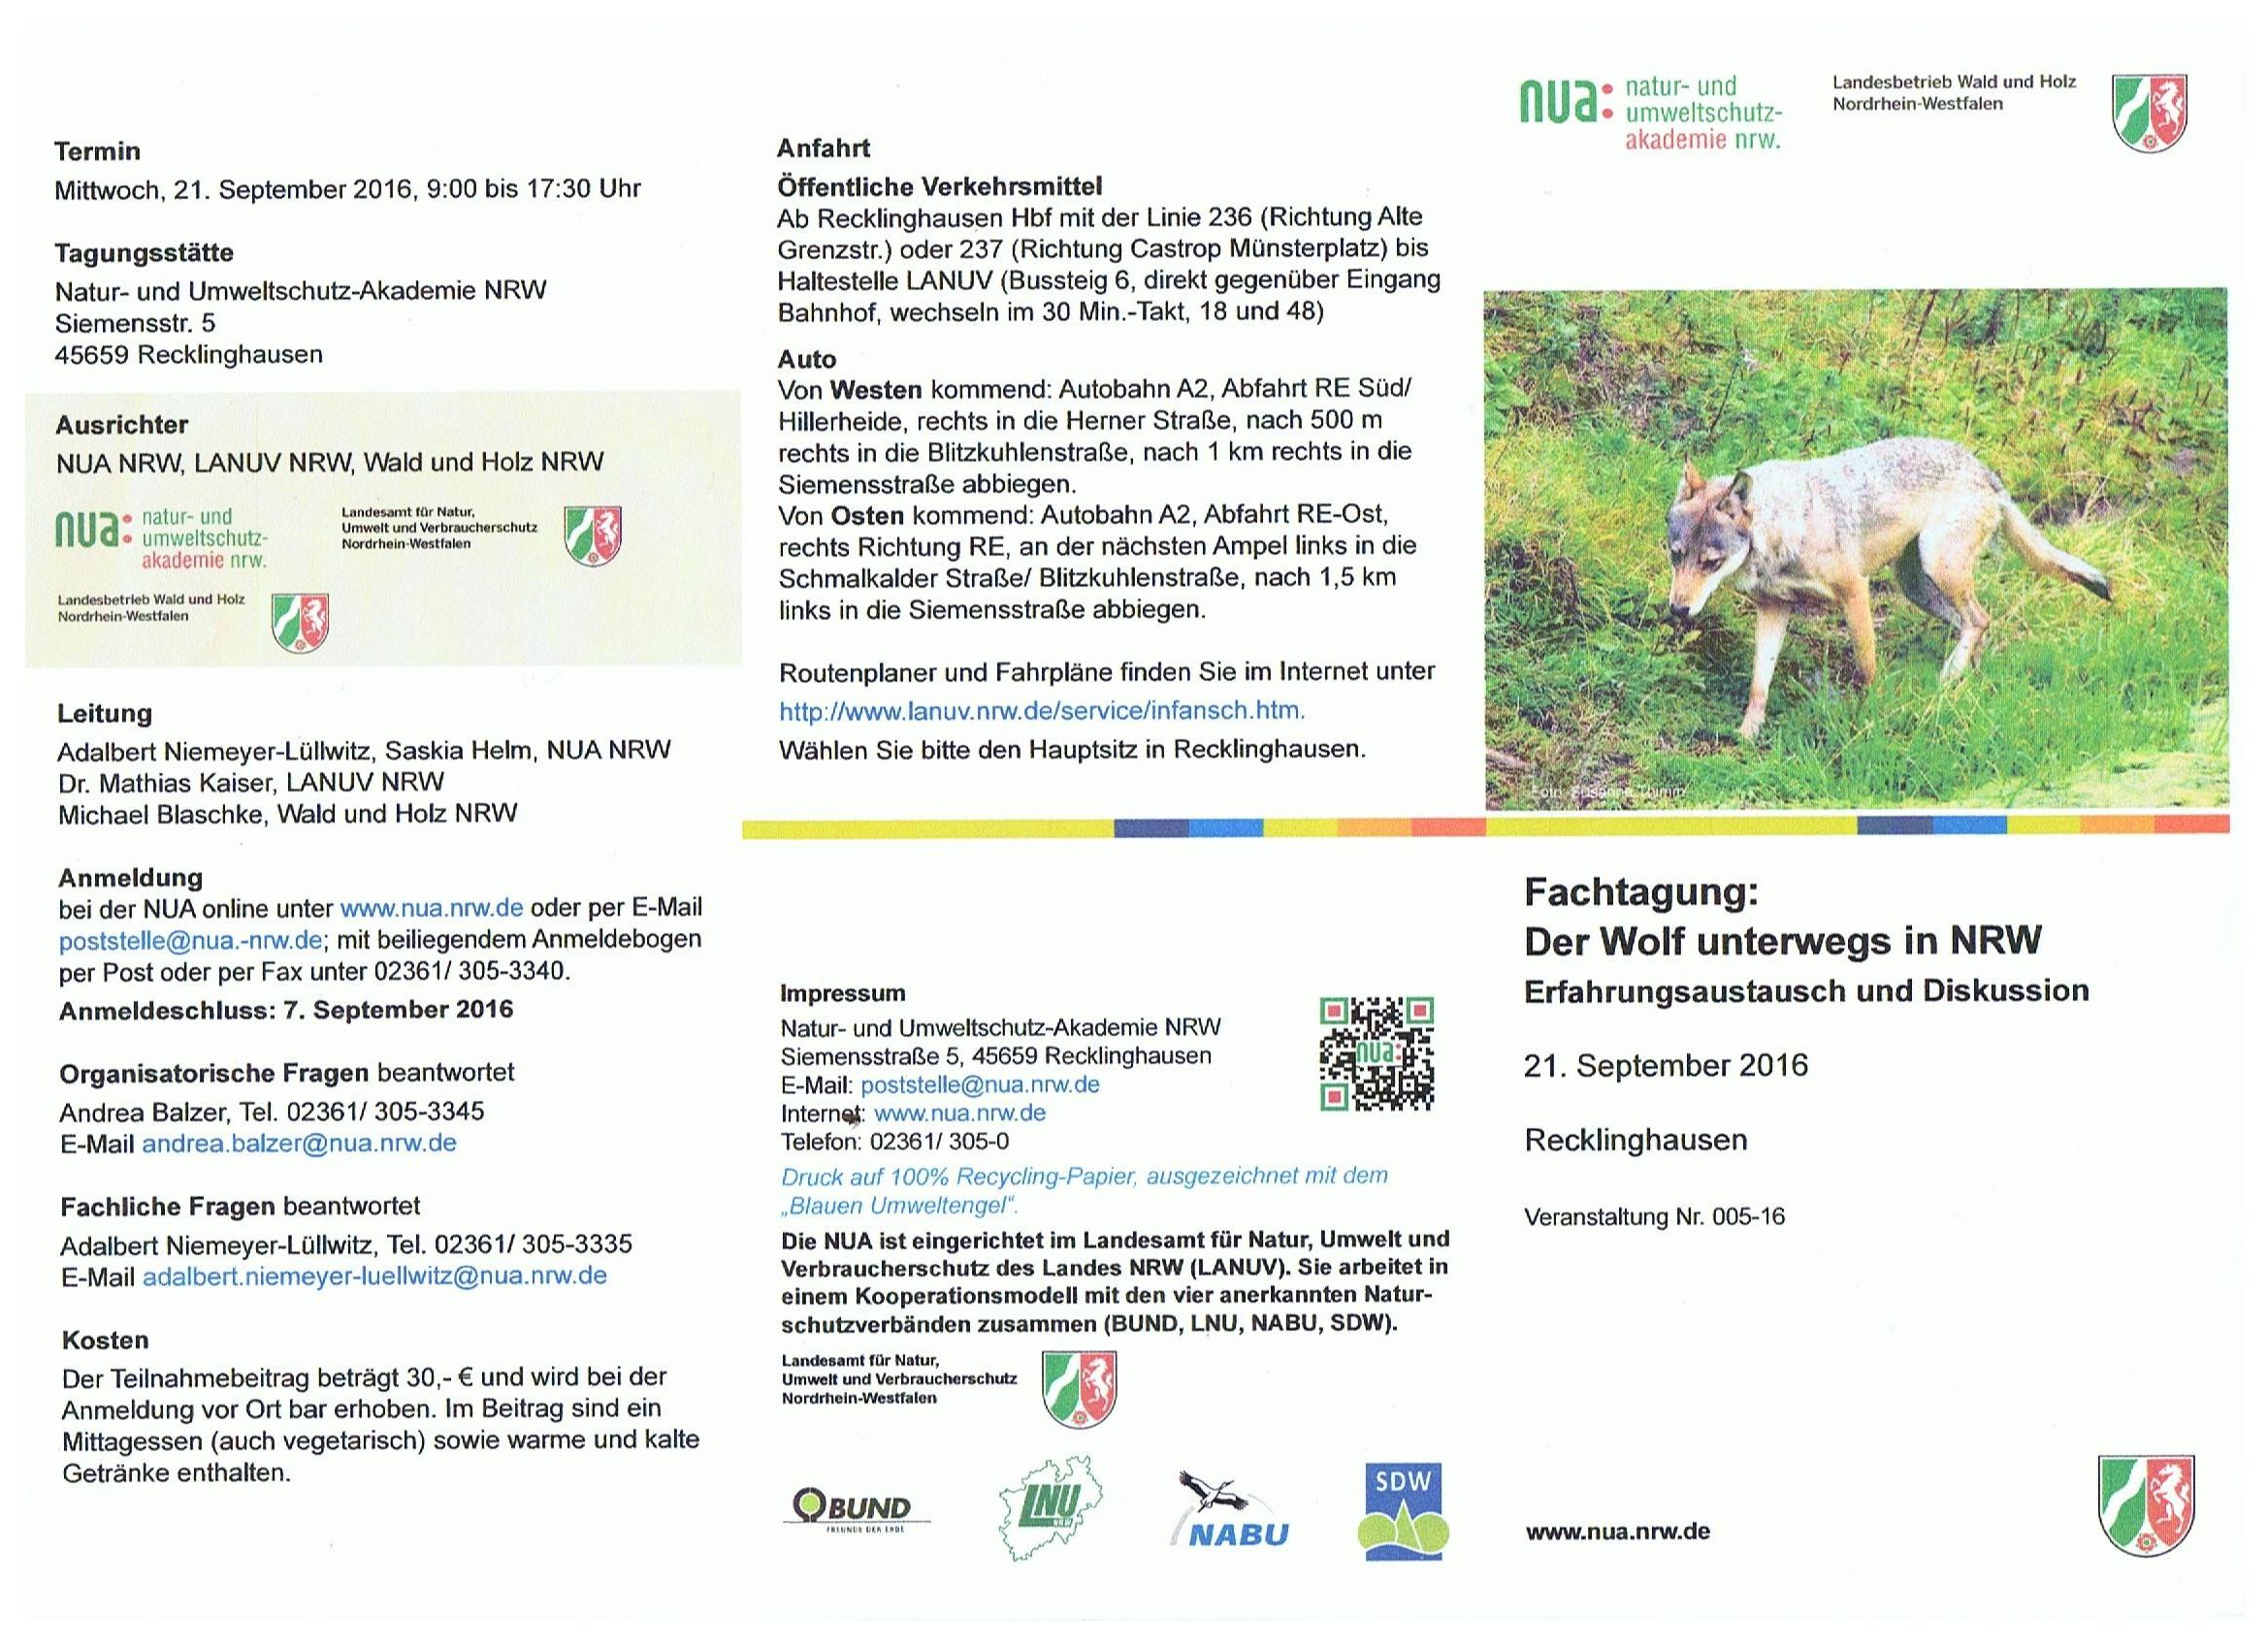 Der Wolf unterwegs in NRW | Hegering Schermbeck